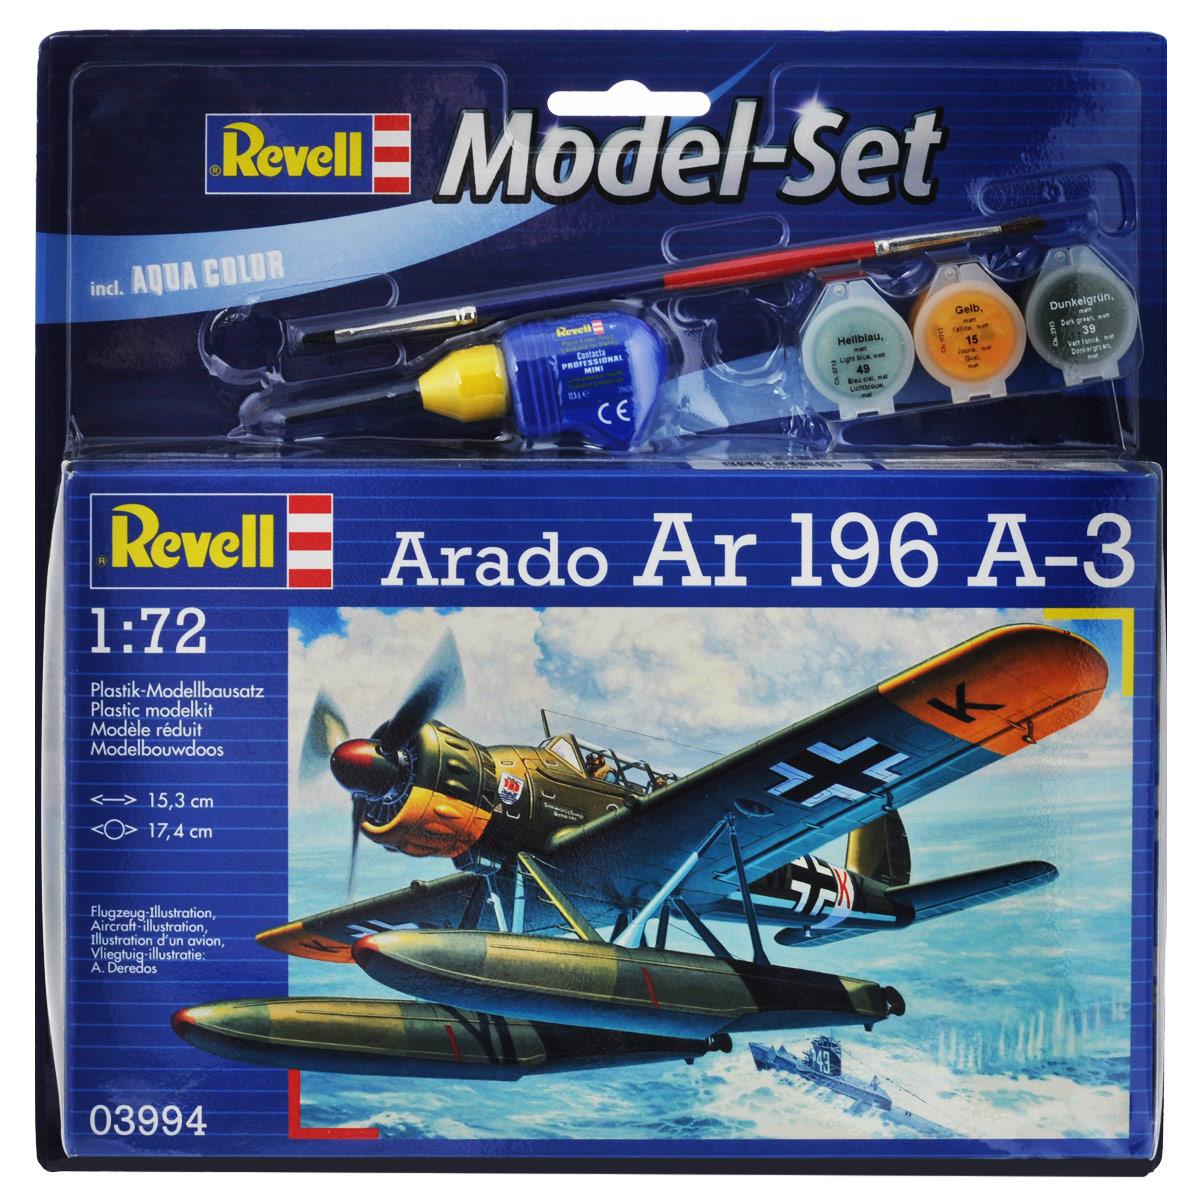 Набор для сборки и раскрашивания модели Revell Гидросамолет-разведчик Арадо Ar 196 A-363994С помощью набора Revell Гидросамолет-разведчик Арадо Ar 196 A-3 вы и ваш ребенок сможете собрать уменьшенную копию одноименного немецкого одномоторного разведчика и раскрасить ее. Набор включает в себя 43 пластиковых элемента для сборки модели, краски трех цветов, клей, двустороннюю кисточку и схематичную инструкцию по сборке. Благодаря набору ваш ребенок научится различать цвета, творчески решать поставленные задачи, разовьет интеллектуальные и инструментальные способности, воображение, конструктивное мышление, внимание, терпение и кругозор. Уровень сложности: 3.